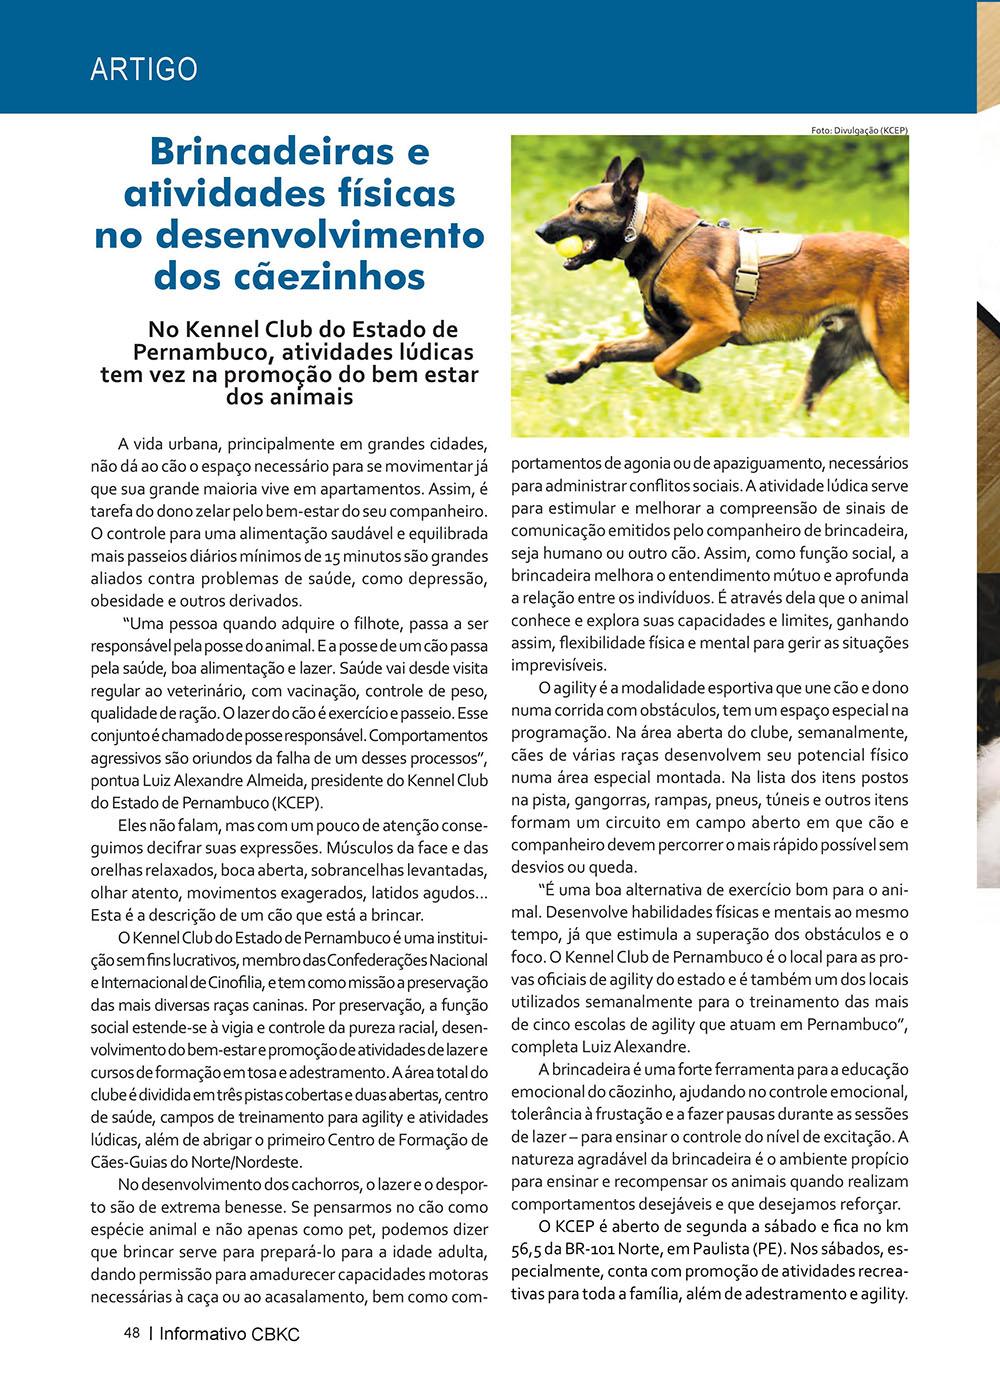 Pagina 48  Edição 53 do Informativo CBKC